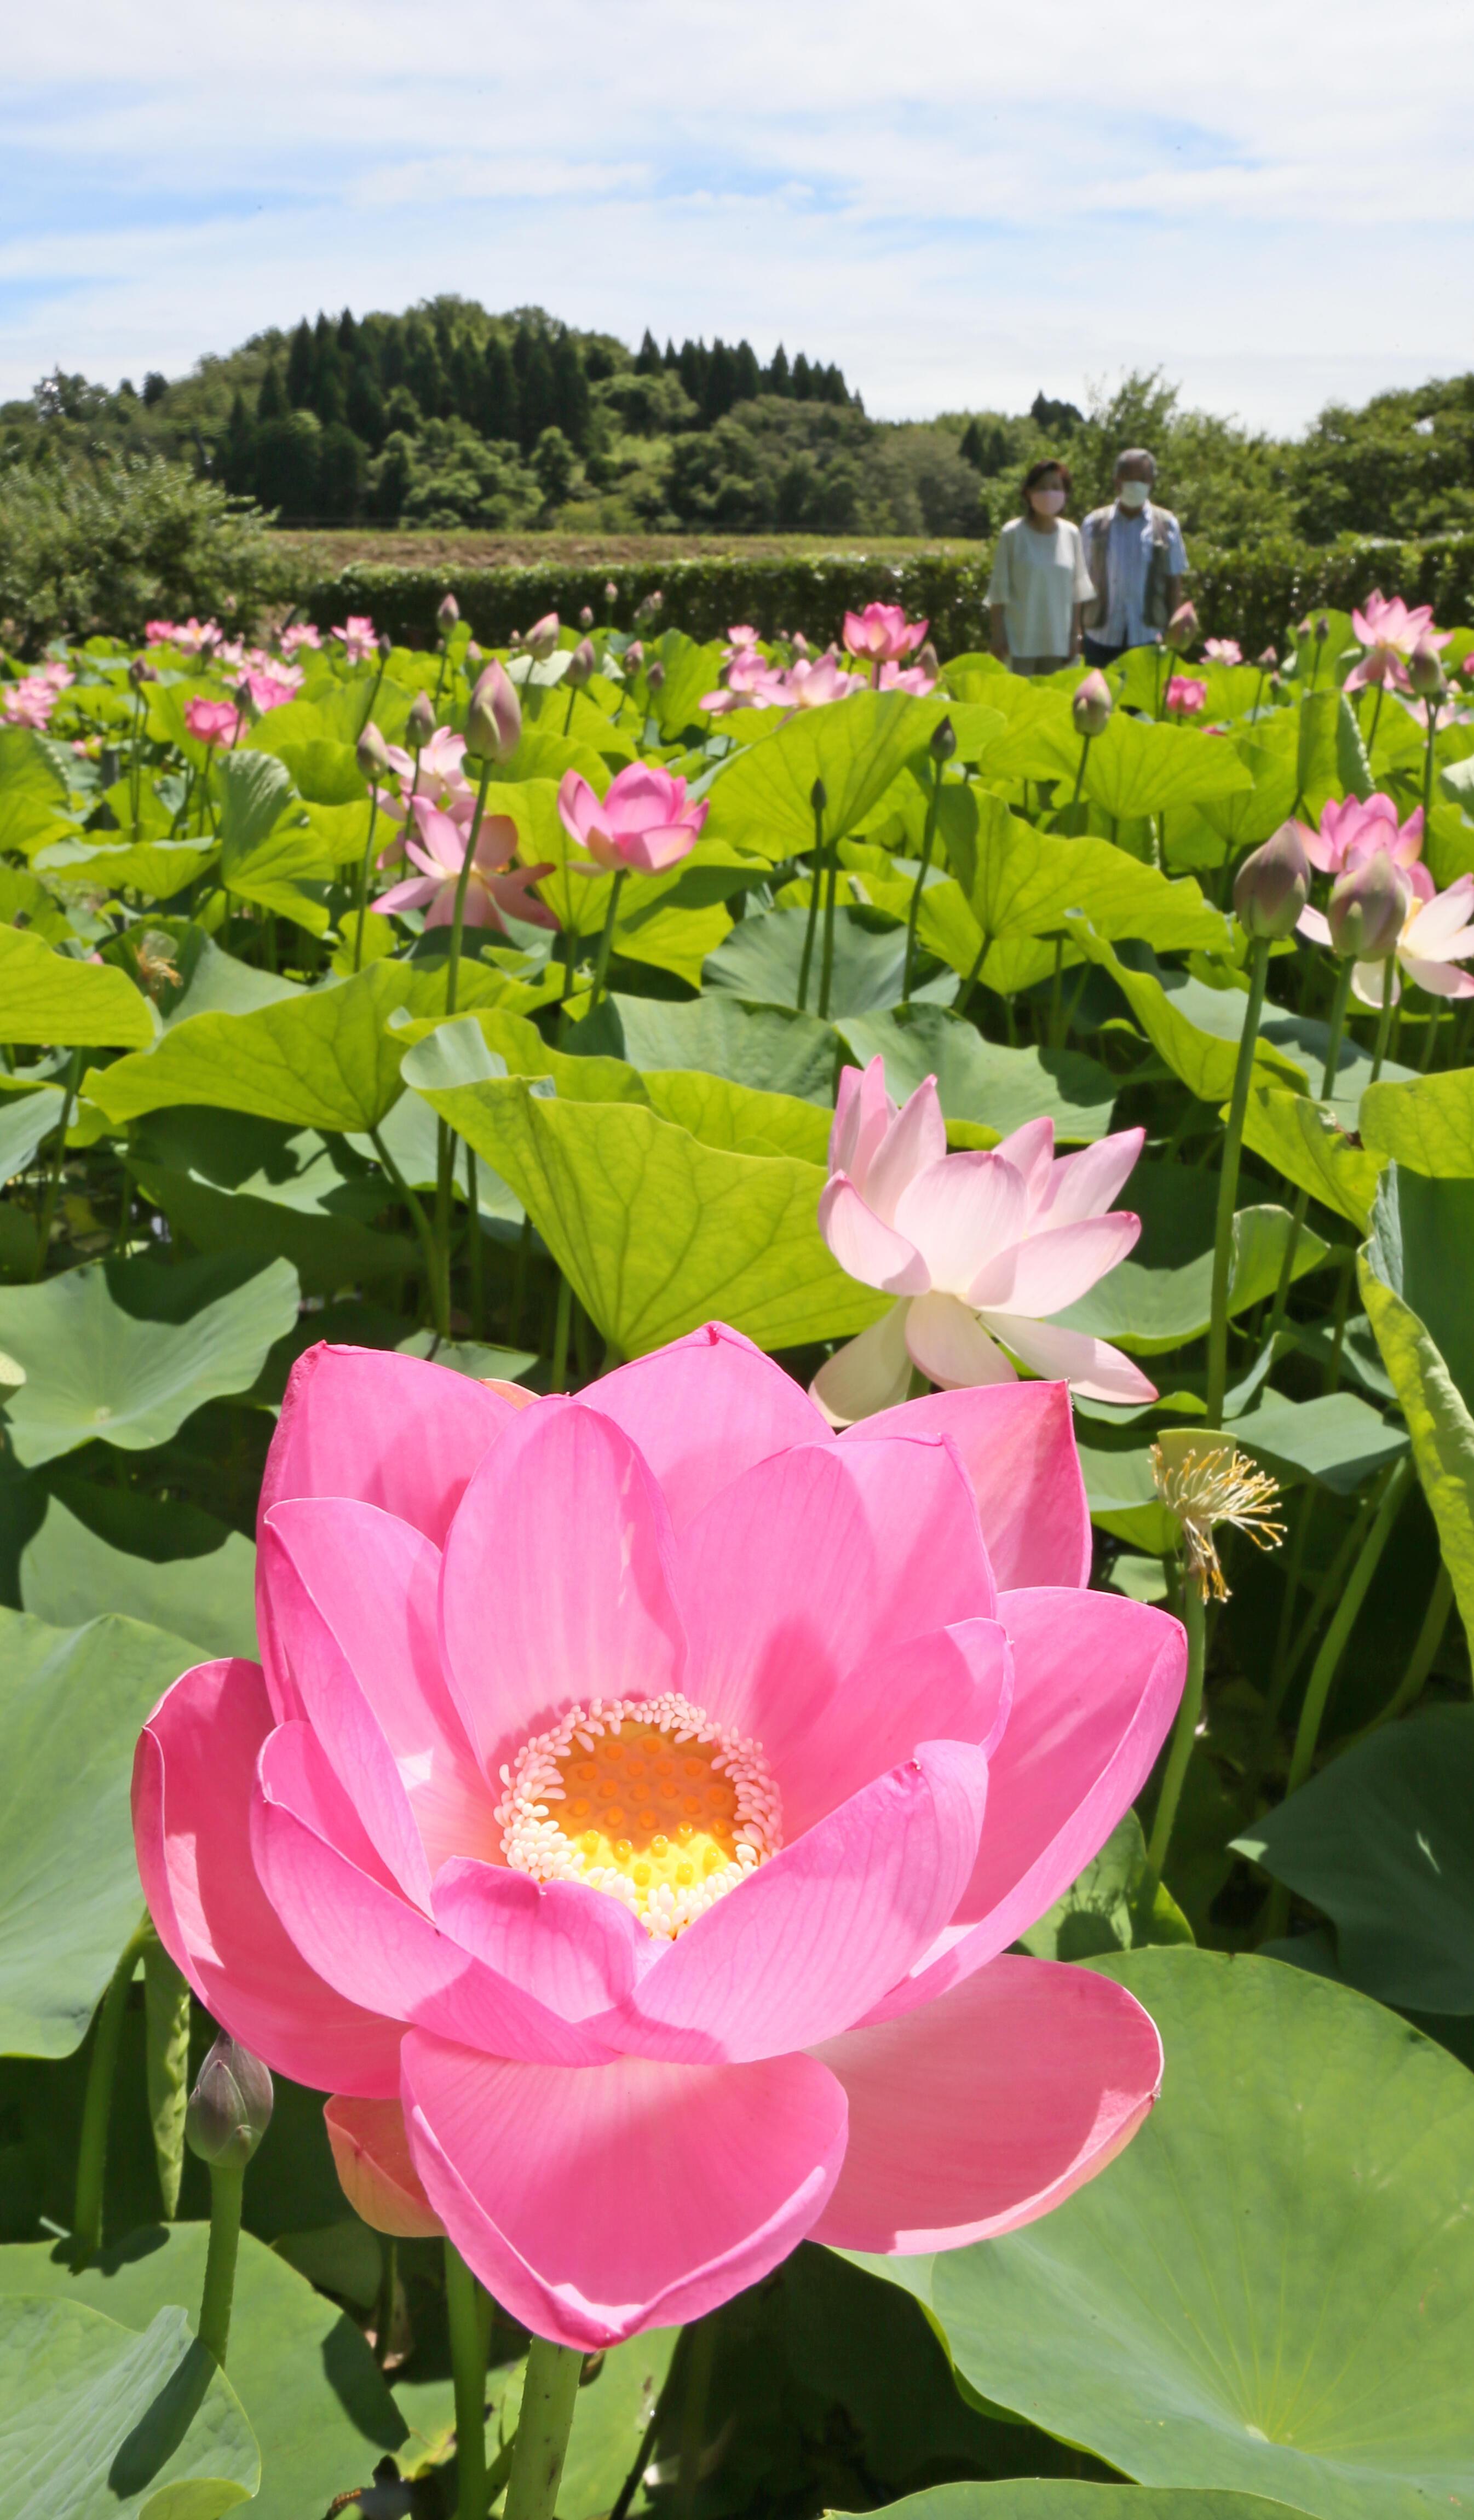 桃色の花を咲かせたハスの花=津幡町舟橋